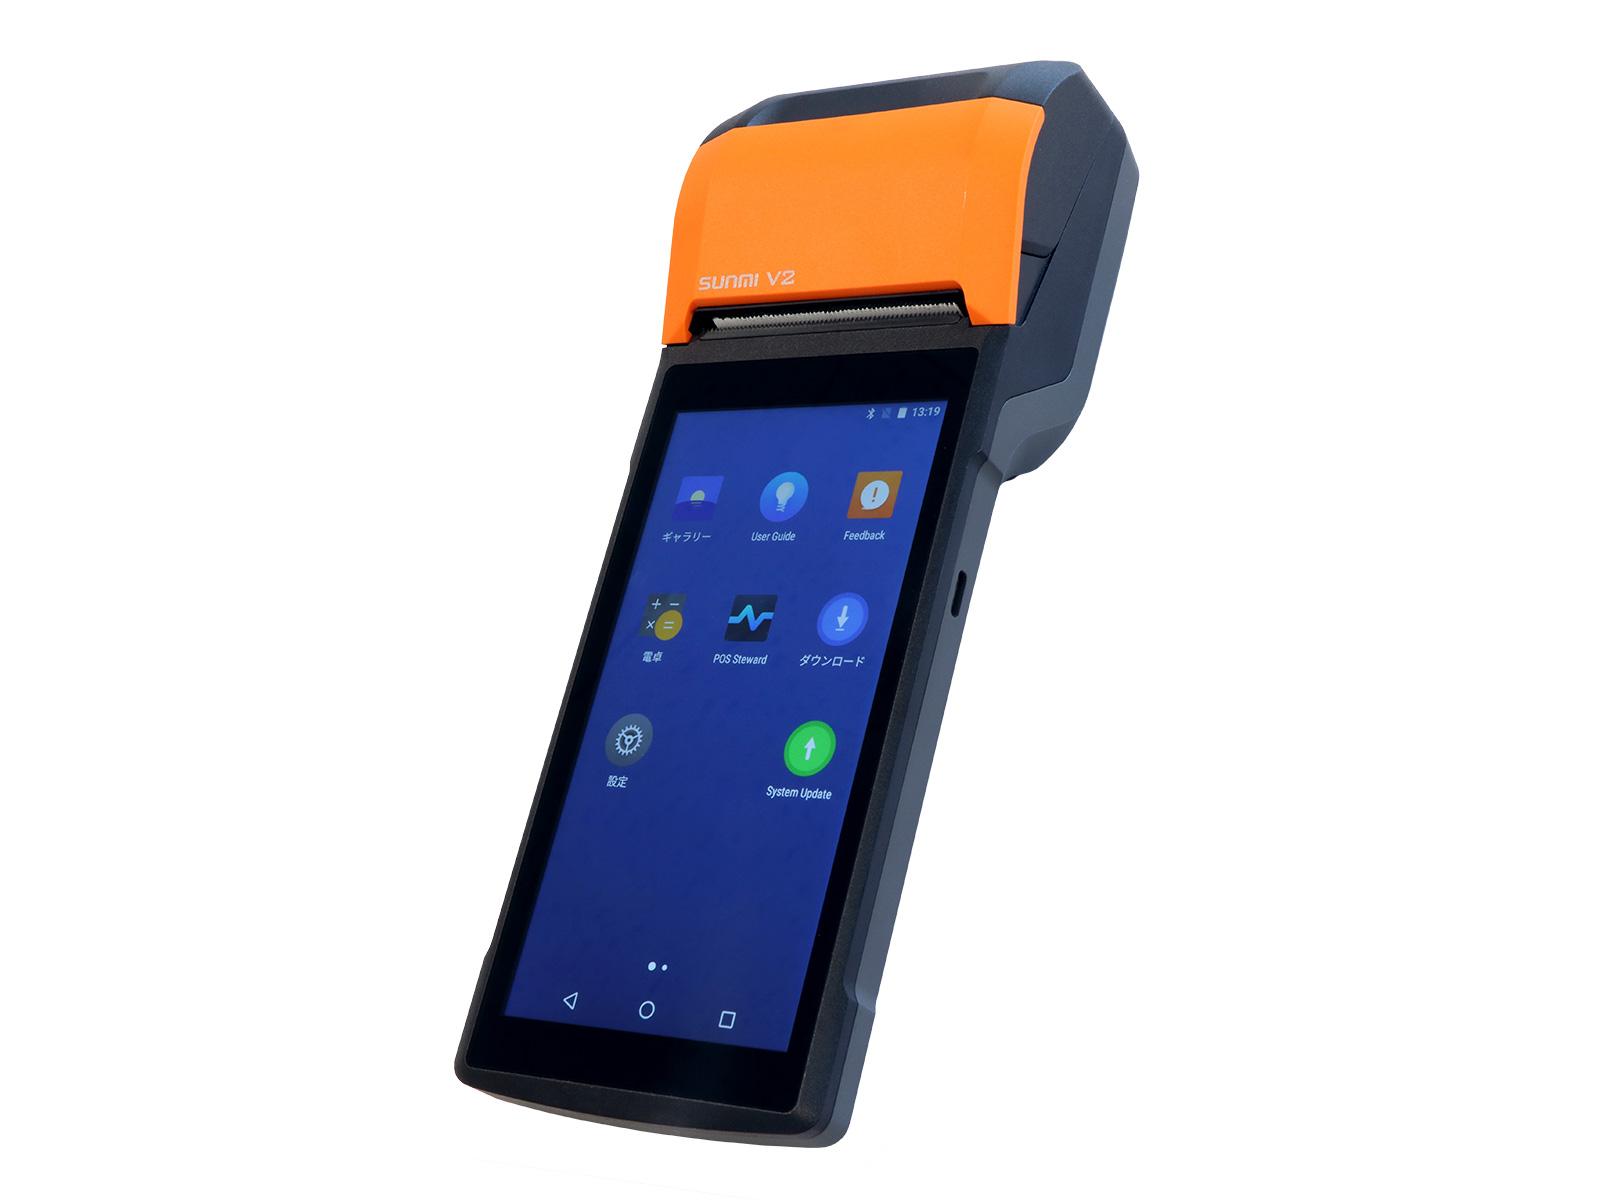 V2 リンタ搭載 5.45インチの大画面 Androidスマートターミナル SUNMI サンミ